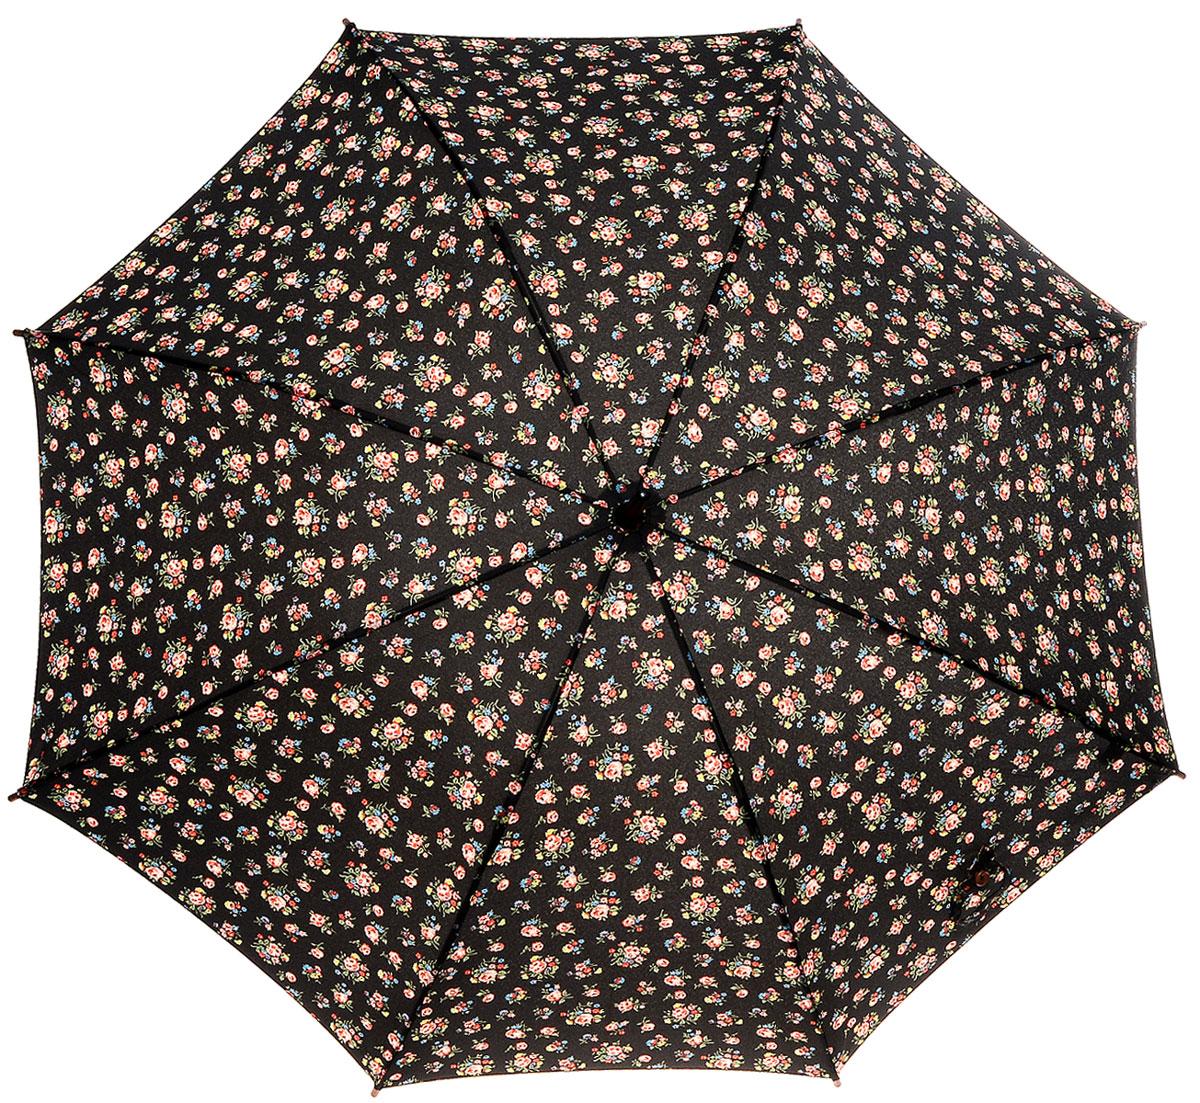 Зонт-трость женский Cath Kidston Kensington, механический, цвет: черный. L541-2652L541-2652 KewSprigCharcoleЯркий механический зонт-трость Cath Kidston Kensington даже в ненастную погоду позволит вам оставаться стильной и элегантной. Каркас зонта включает 8 спиц из фибергласса с деревянным наконечниками. Стержень изготовлен из дерева. Купол зонта выполнен из износостойкого полиэстера и оформлен мелким цветочным принтом. Изделие дополнено удобной рукояткой из гладкого дерева. Зонт механического сложения: купол открывается и закрывается вручную до характерного щелчка. Модель дополнительно застегивается с помощью двух хлястиков: на кнопку и липучку с декоративной пуговицей. Такой зонт не только надежно защитит вас от дождя, но и станет стильным аксессуаром, который идеально подчеркнет ваш неповторимый образ.